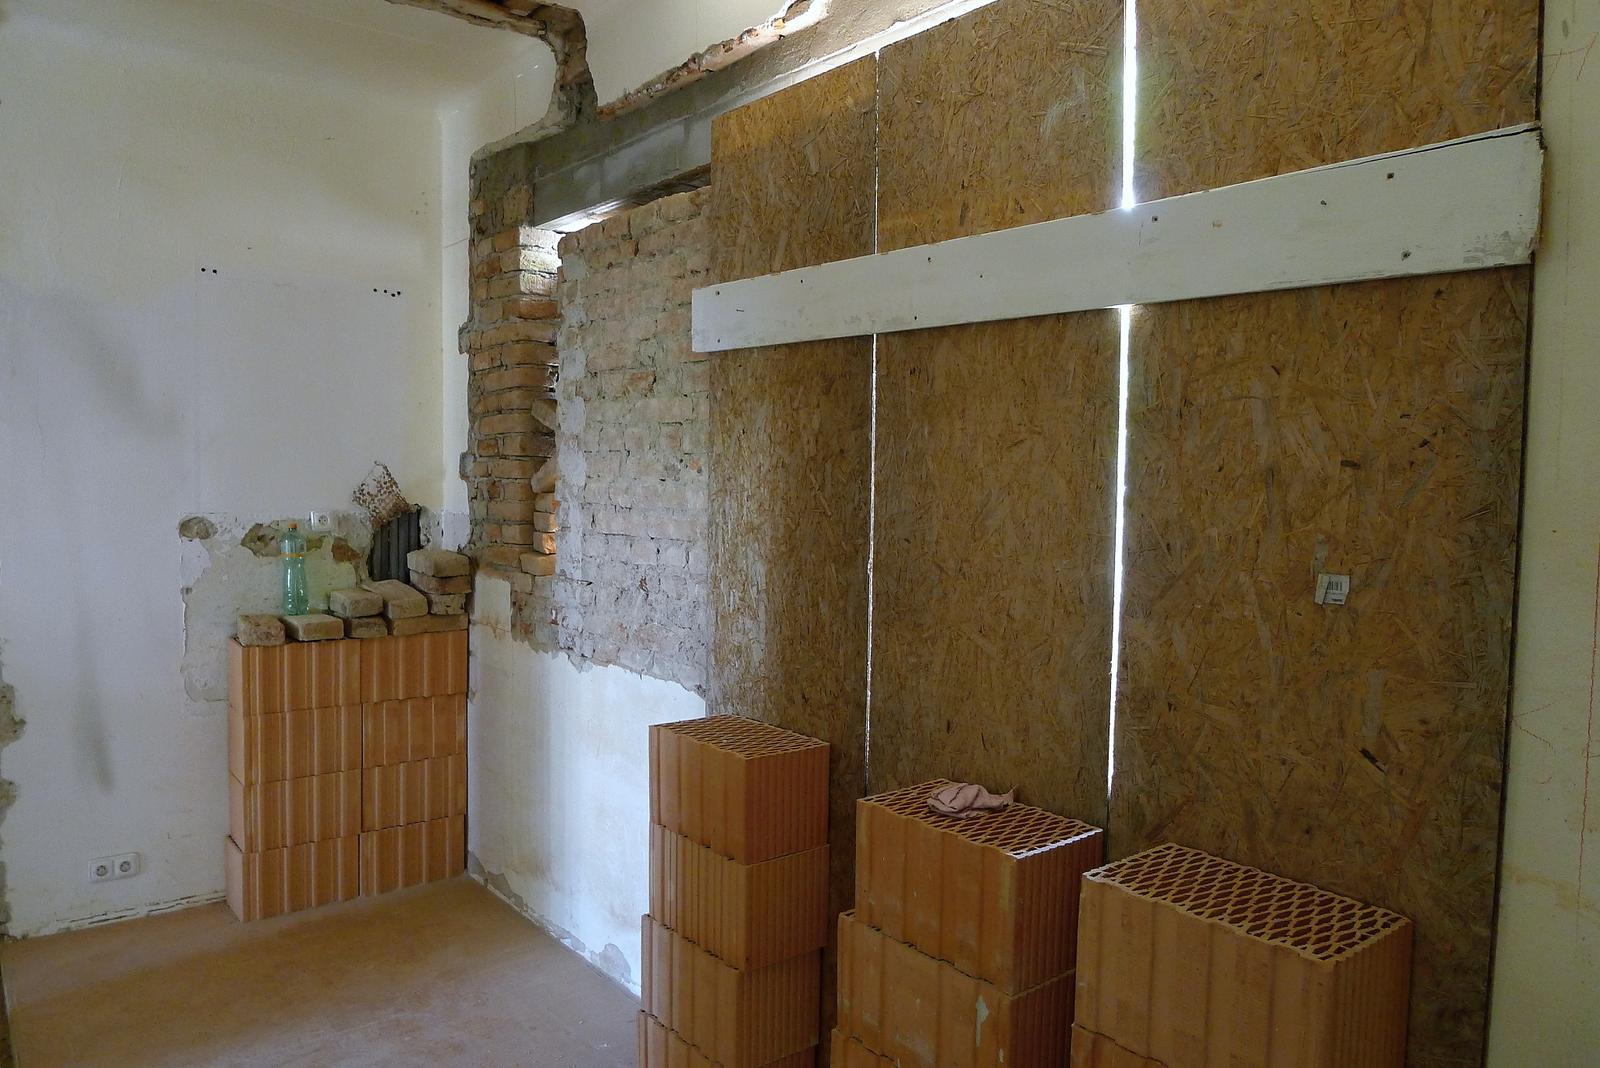 Rekonstrukce našeho domečku - Obrázek č. 38